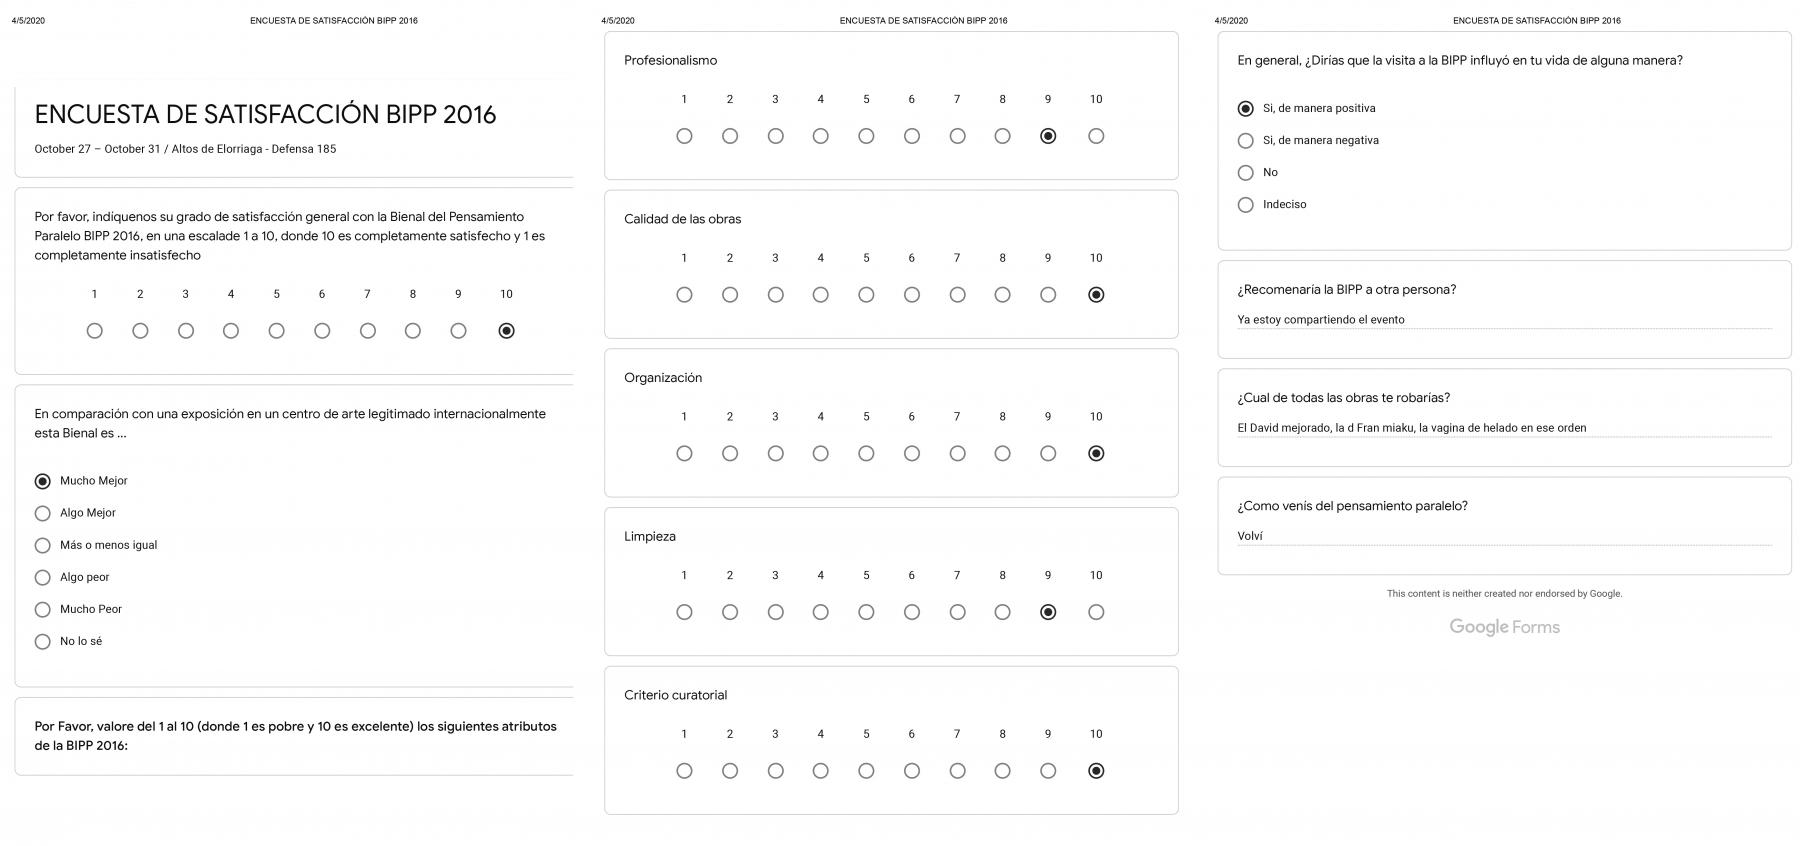 ENCUESTA-DE-SATISFACCIÓN-BIPP-2016-Google-Forms-1